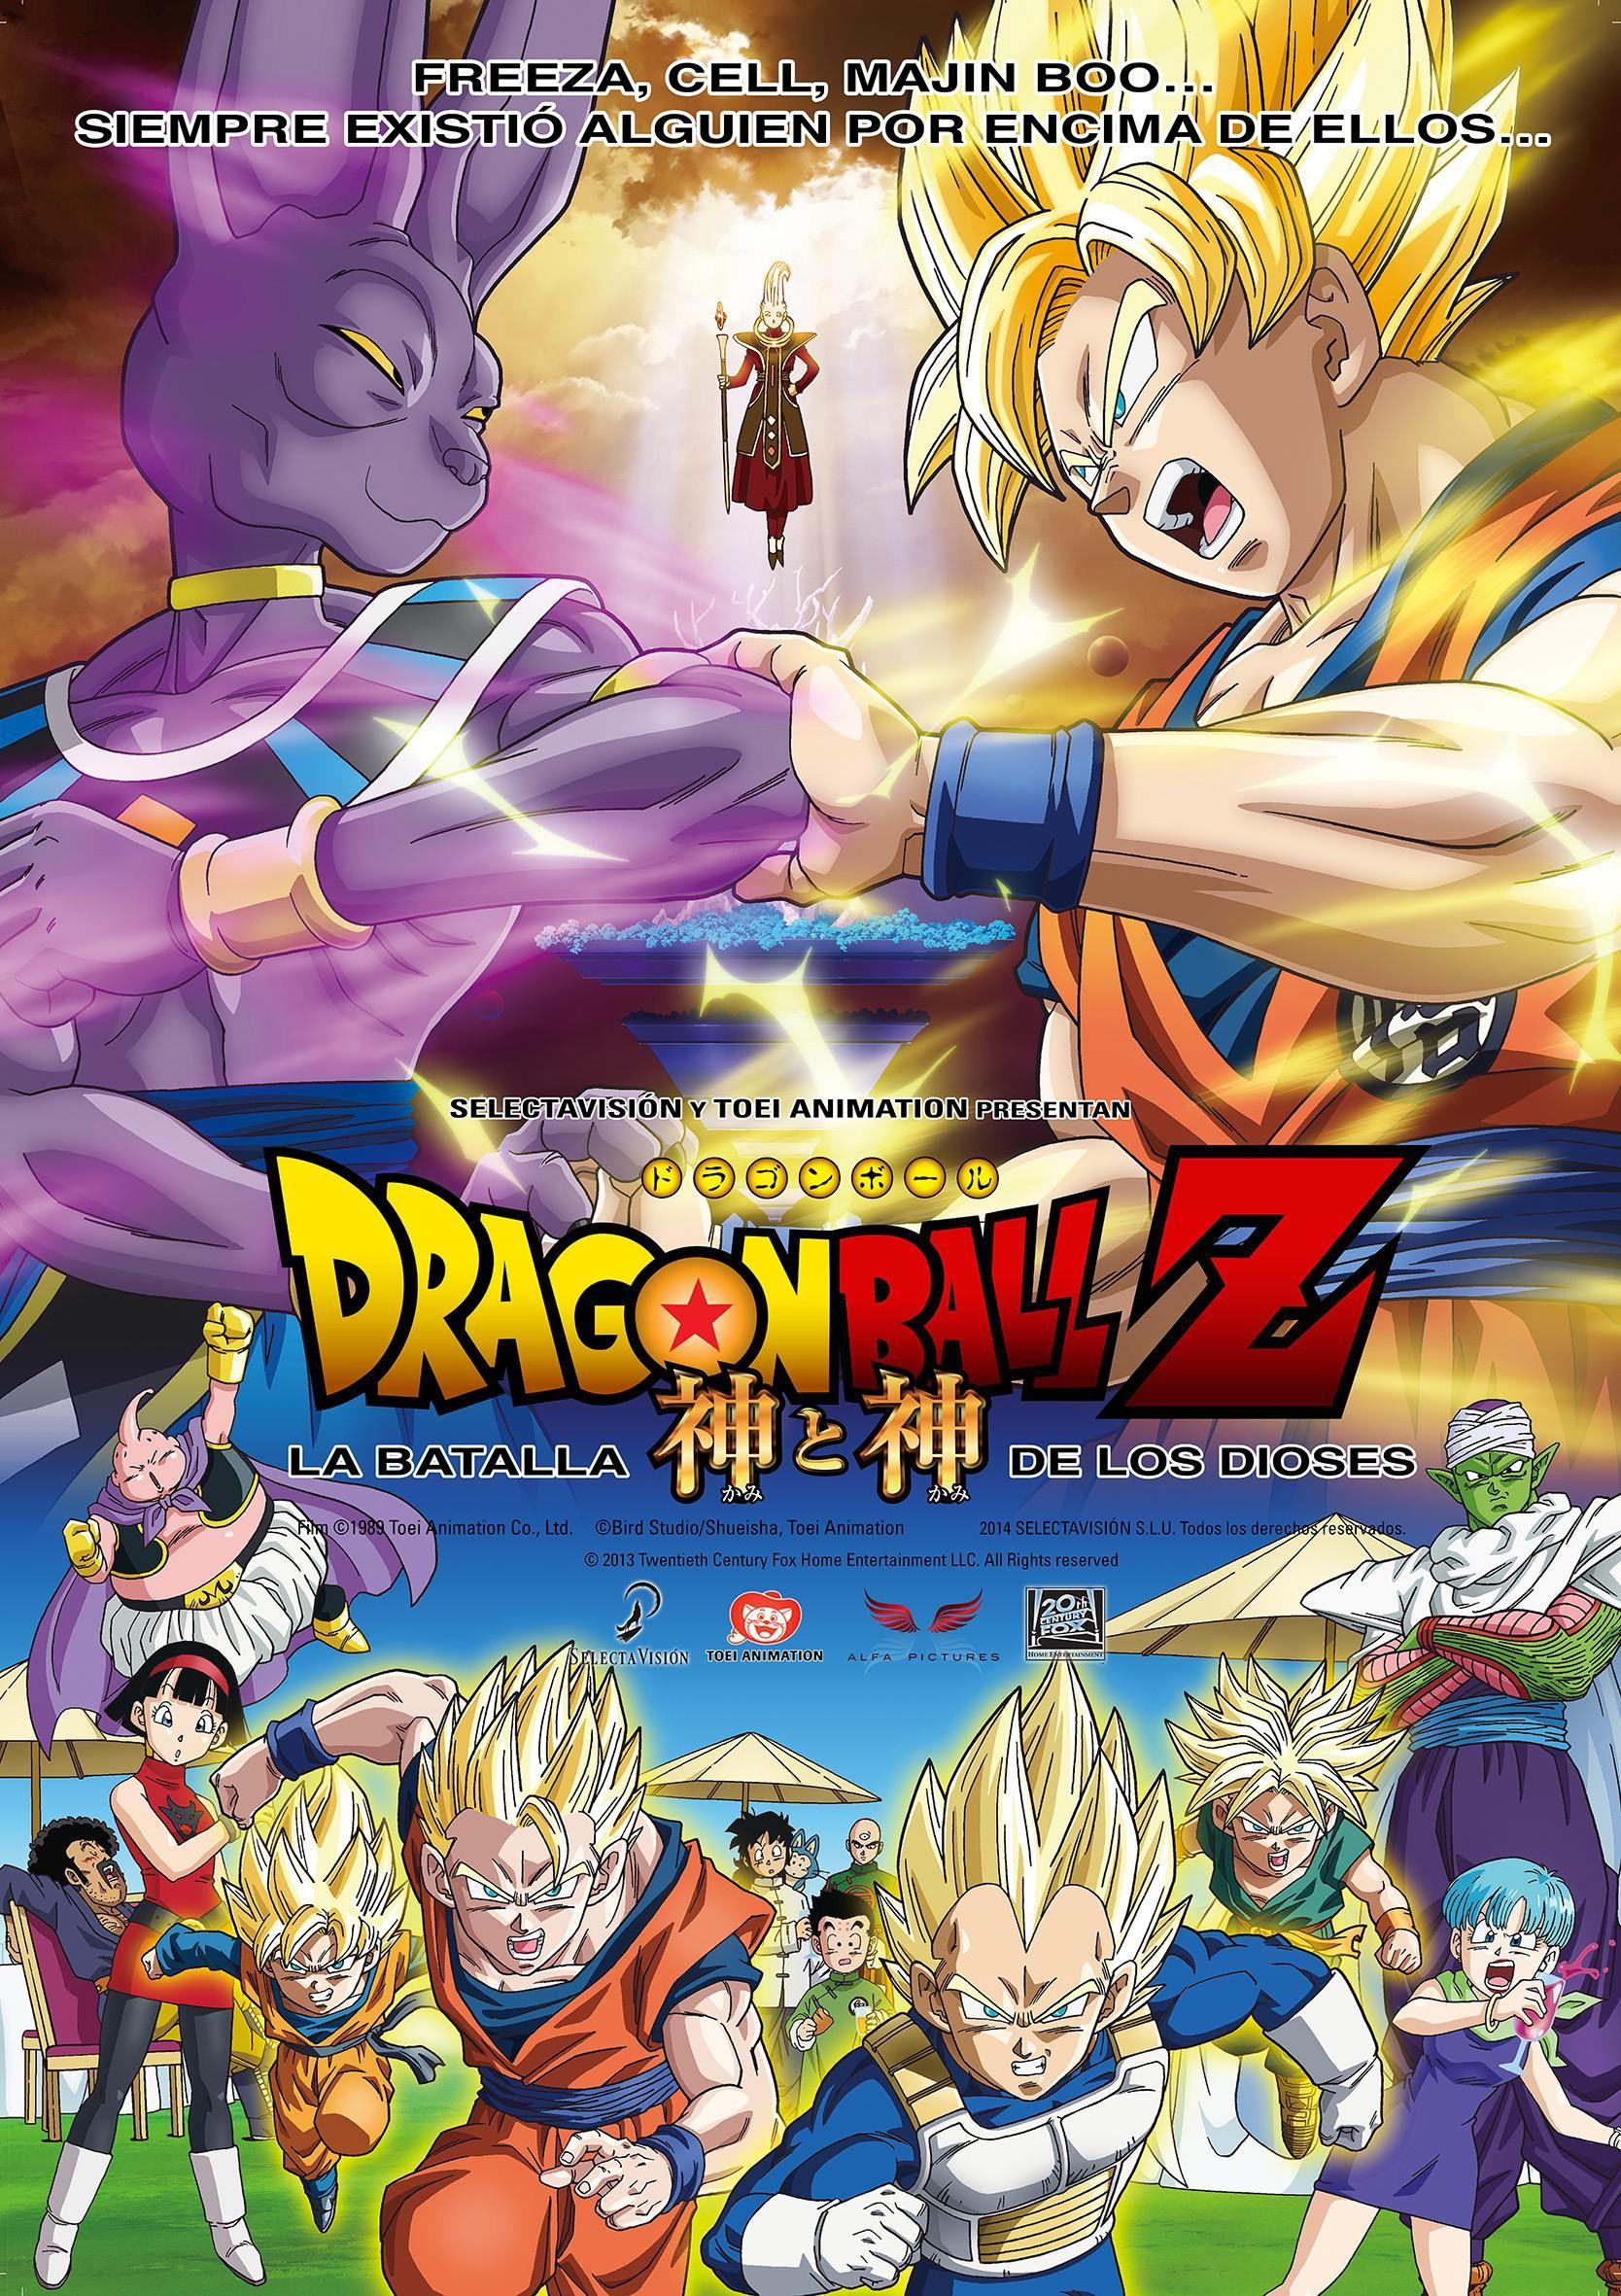 Dragon Ball Z La Batalla De Los Dioses Peliculas De Dragones Dragon Ball Z Peliculas De Animacion